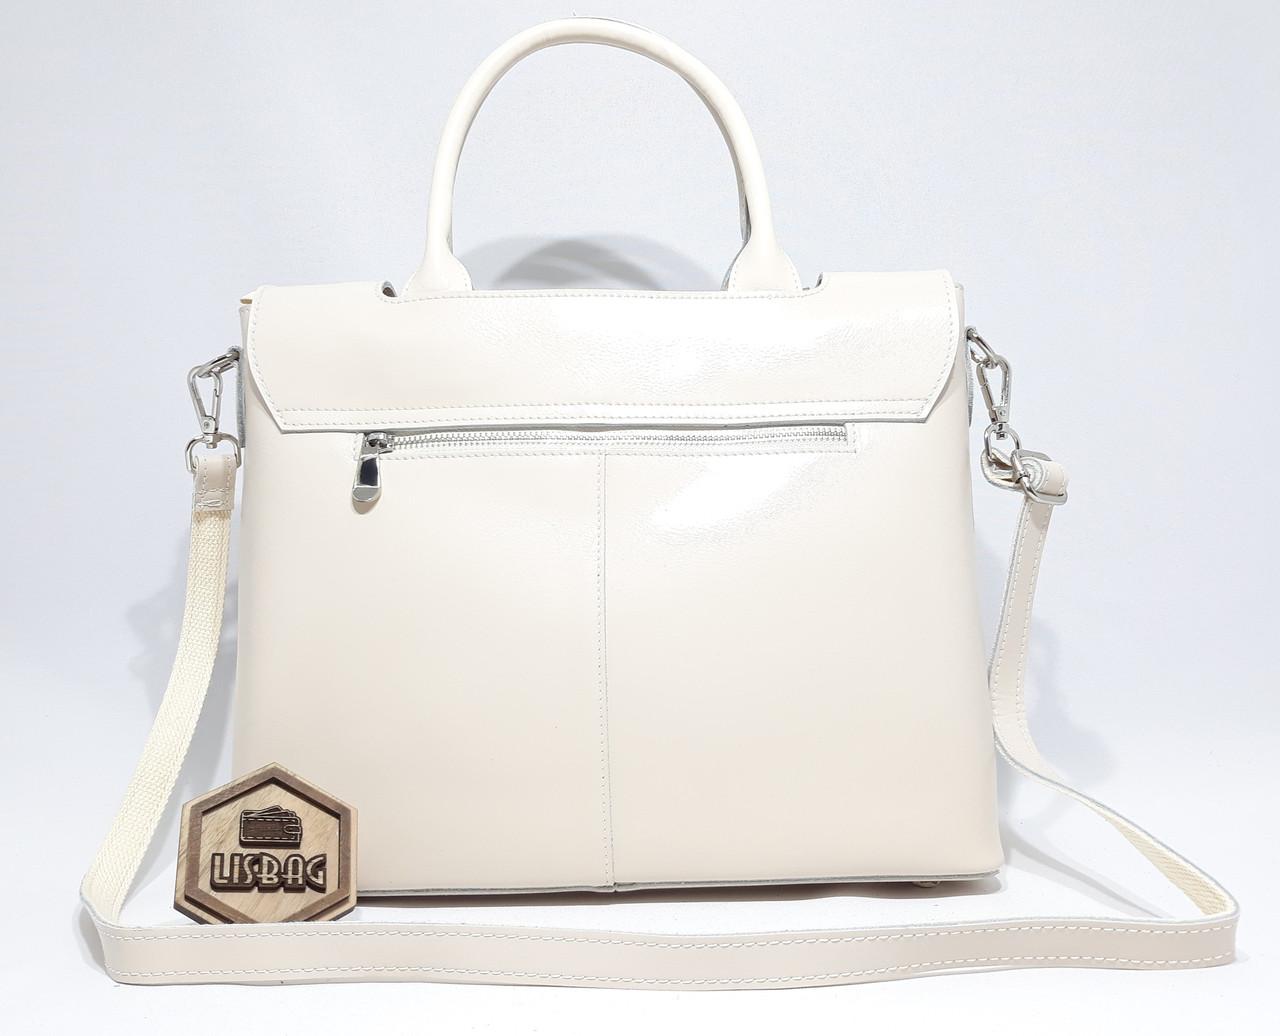 9fe94583d3ad ... Большая кожаная женская сумка Galanty из плотной кожи, Бежевая  (молочная), фото 10